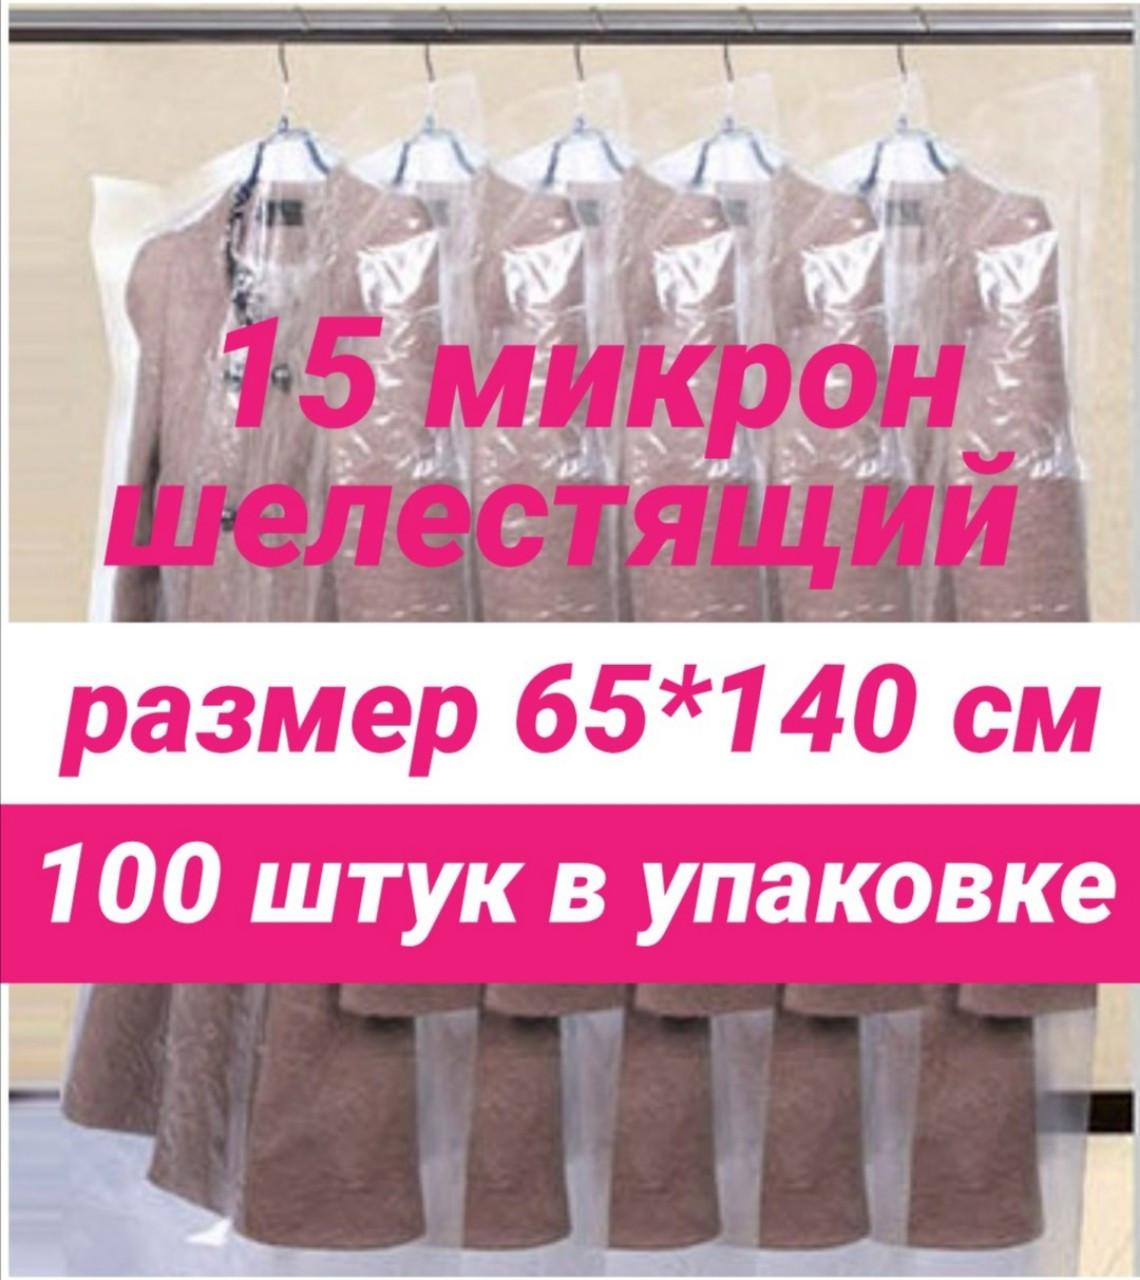 Размер 65*140 см, 100 штук в упаковке.Чехлы для одежды полиэтиленовые шелестящие, толщина 15 микрон.